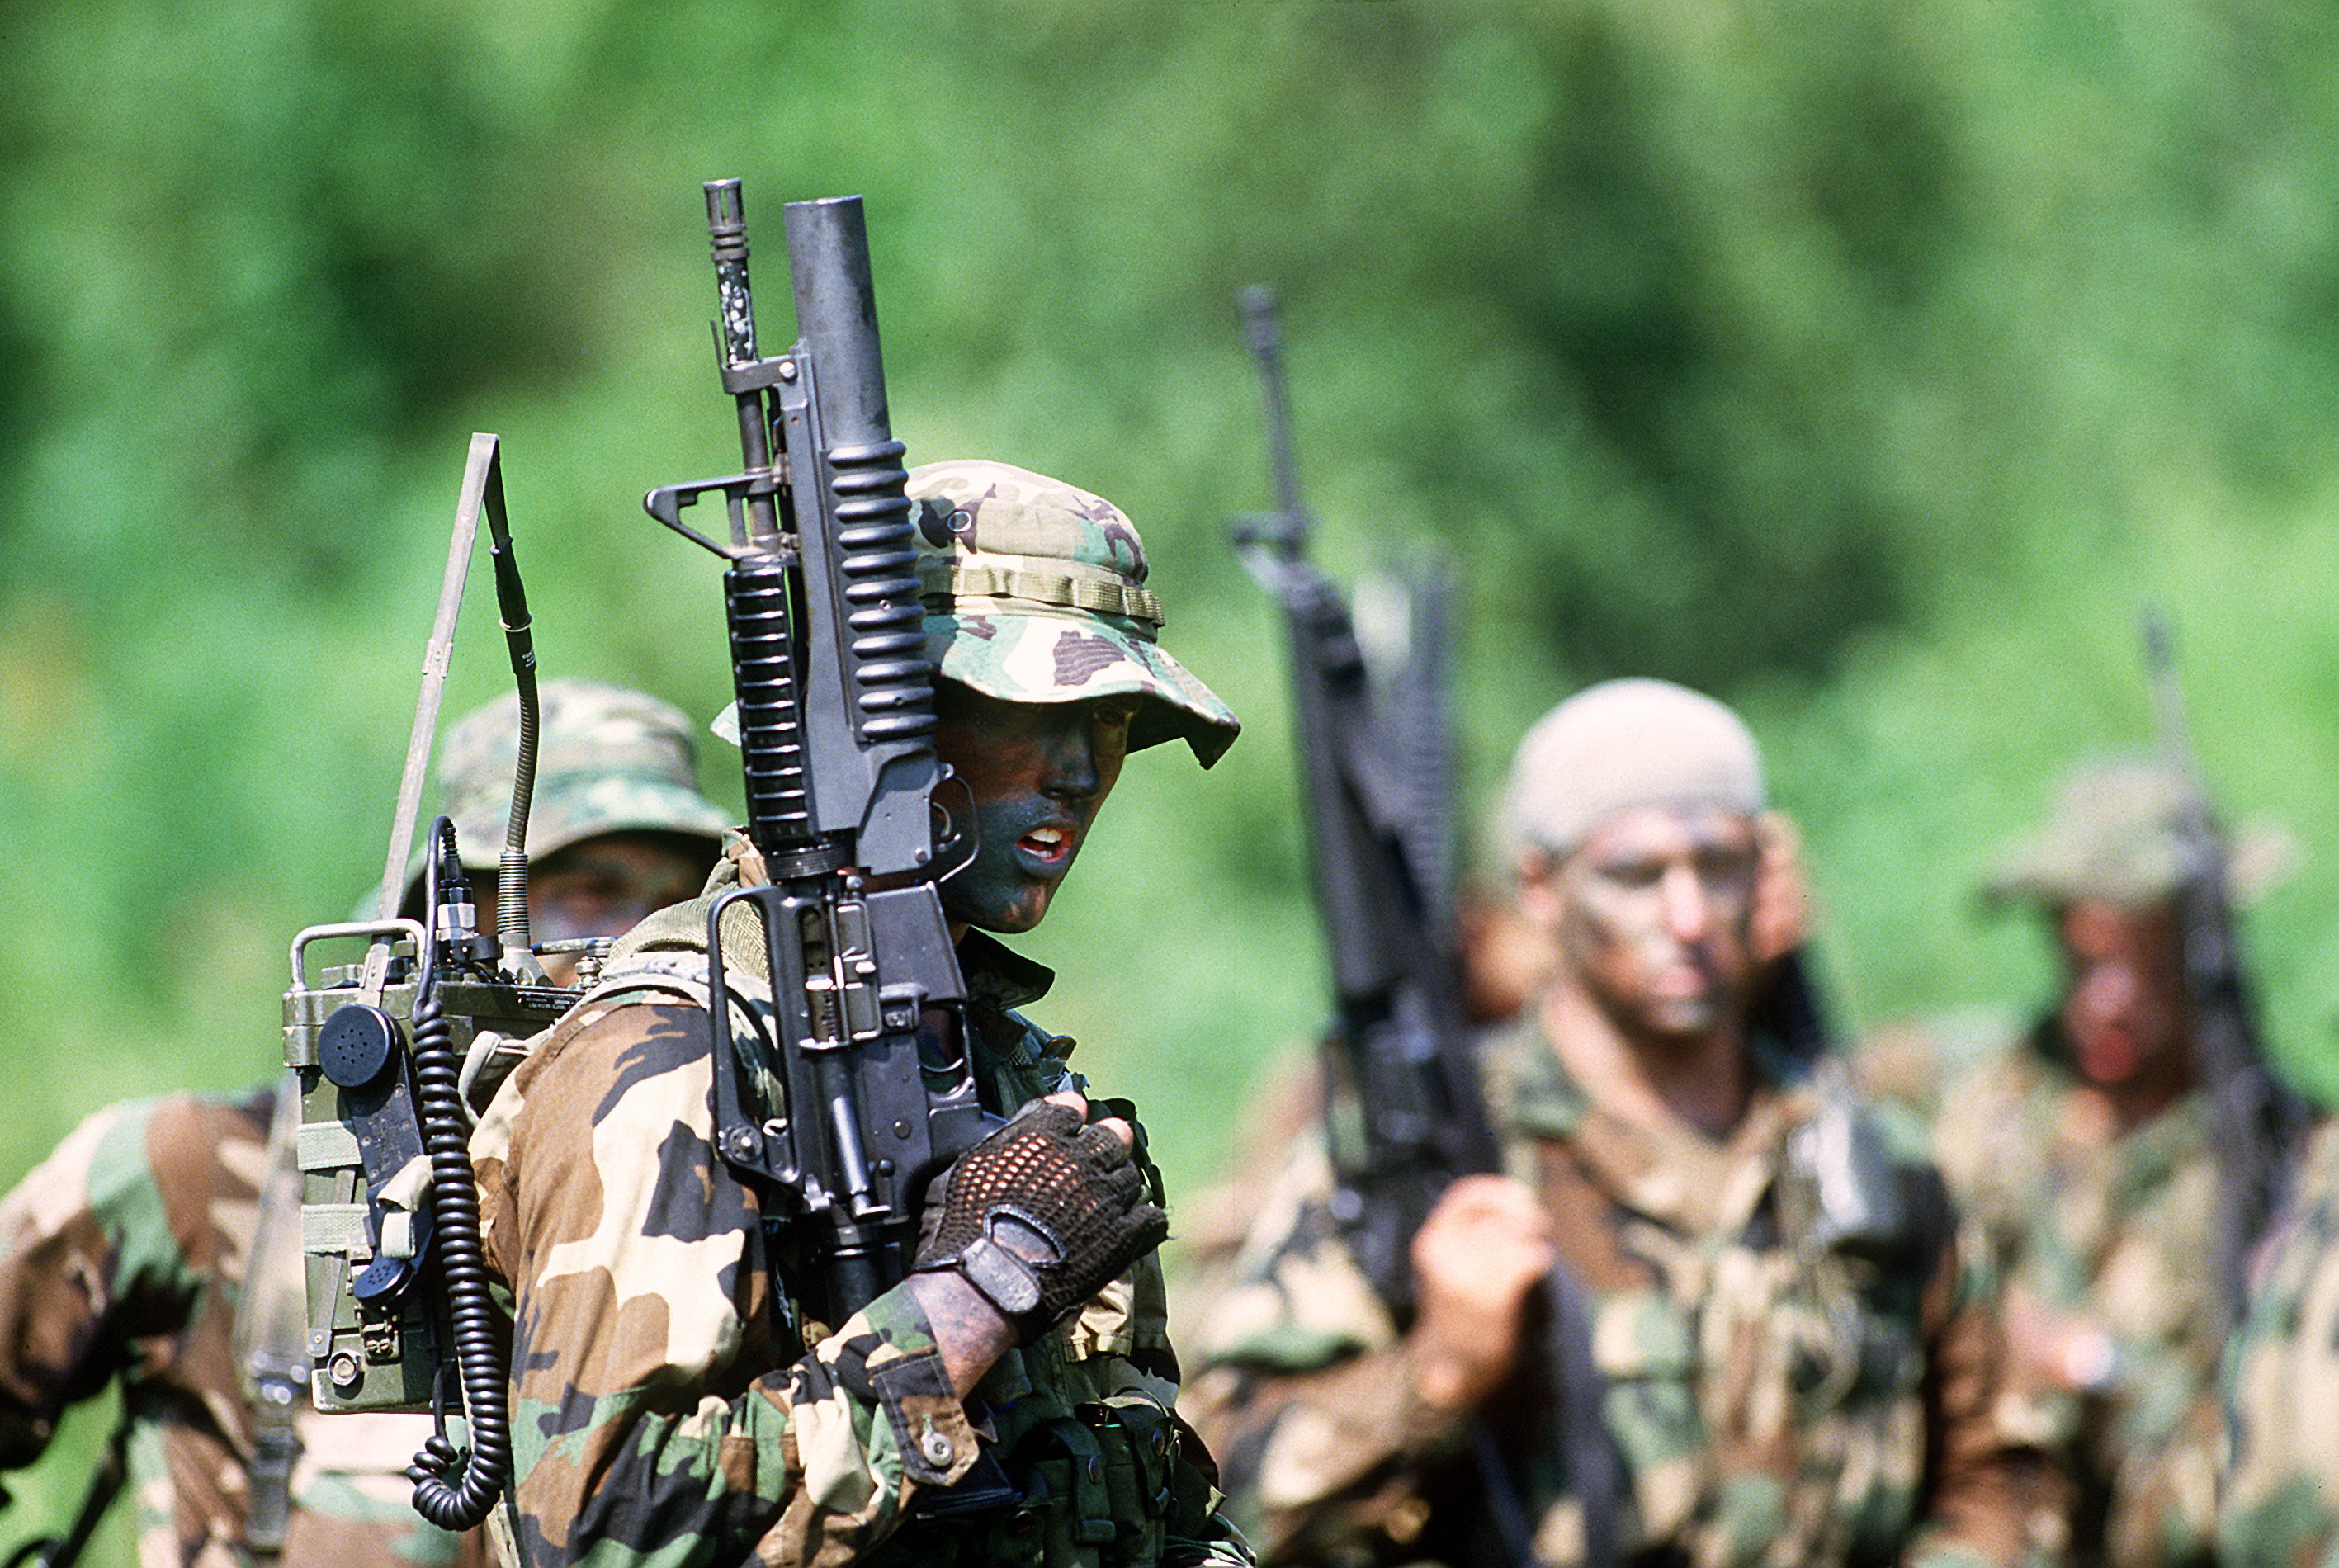 Navy SEALs - Radio Operator - Special Ops Photos